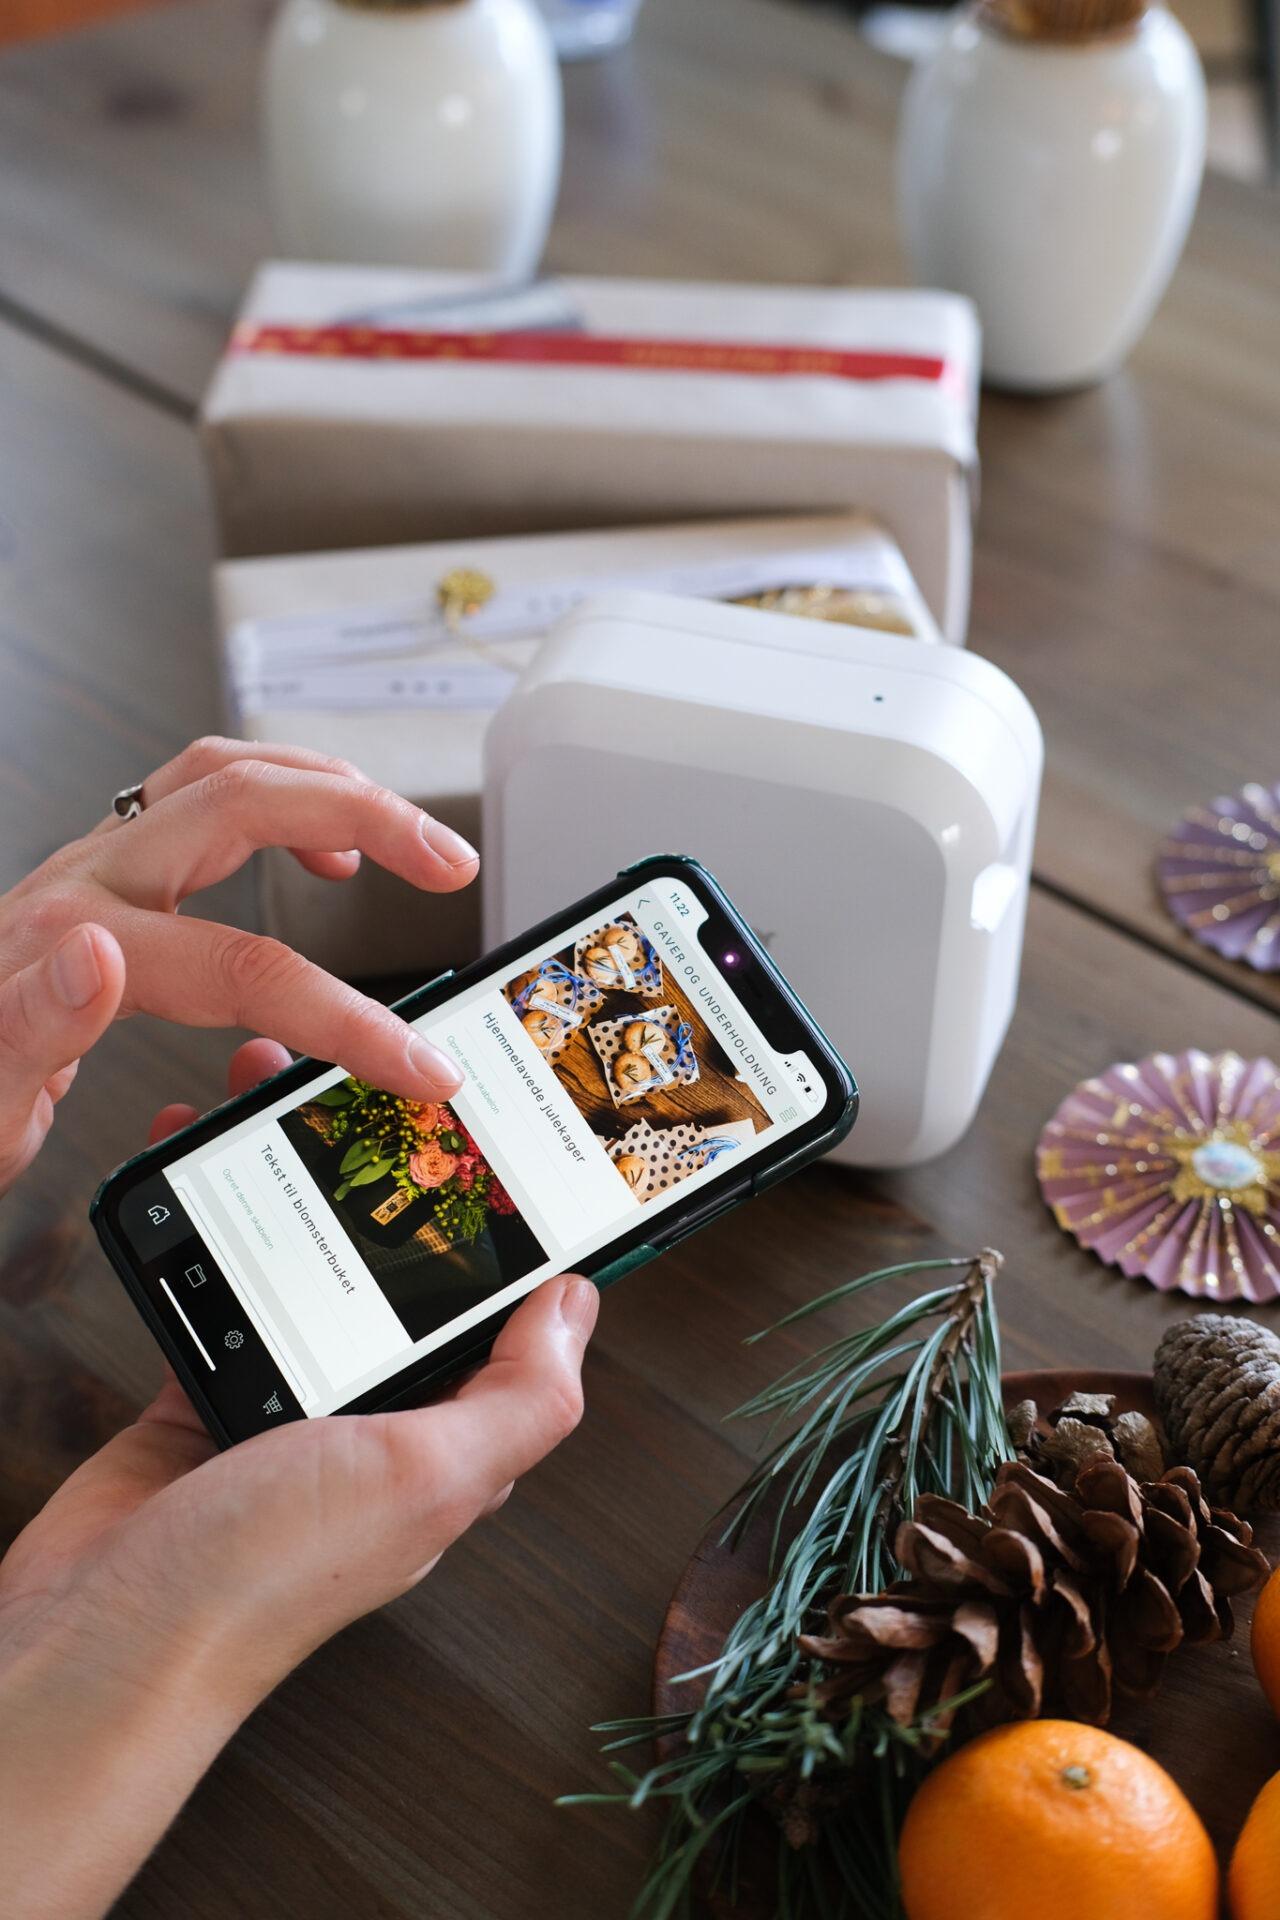 Sådan fungere app'en til P-touch CUBE Plus labelprinteren